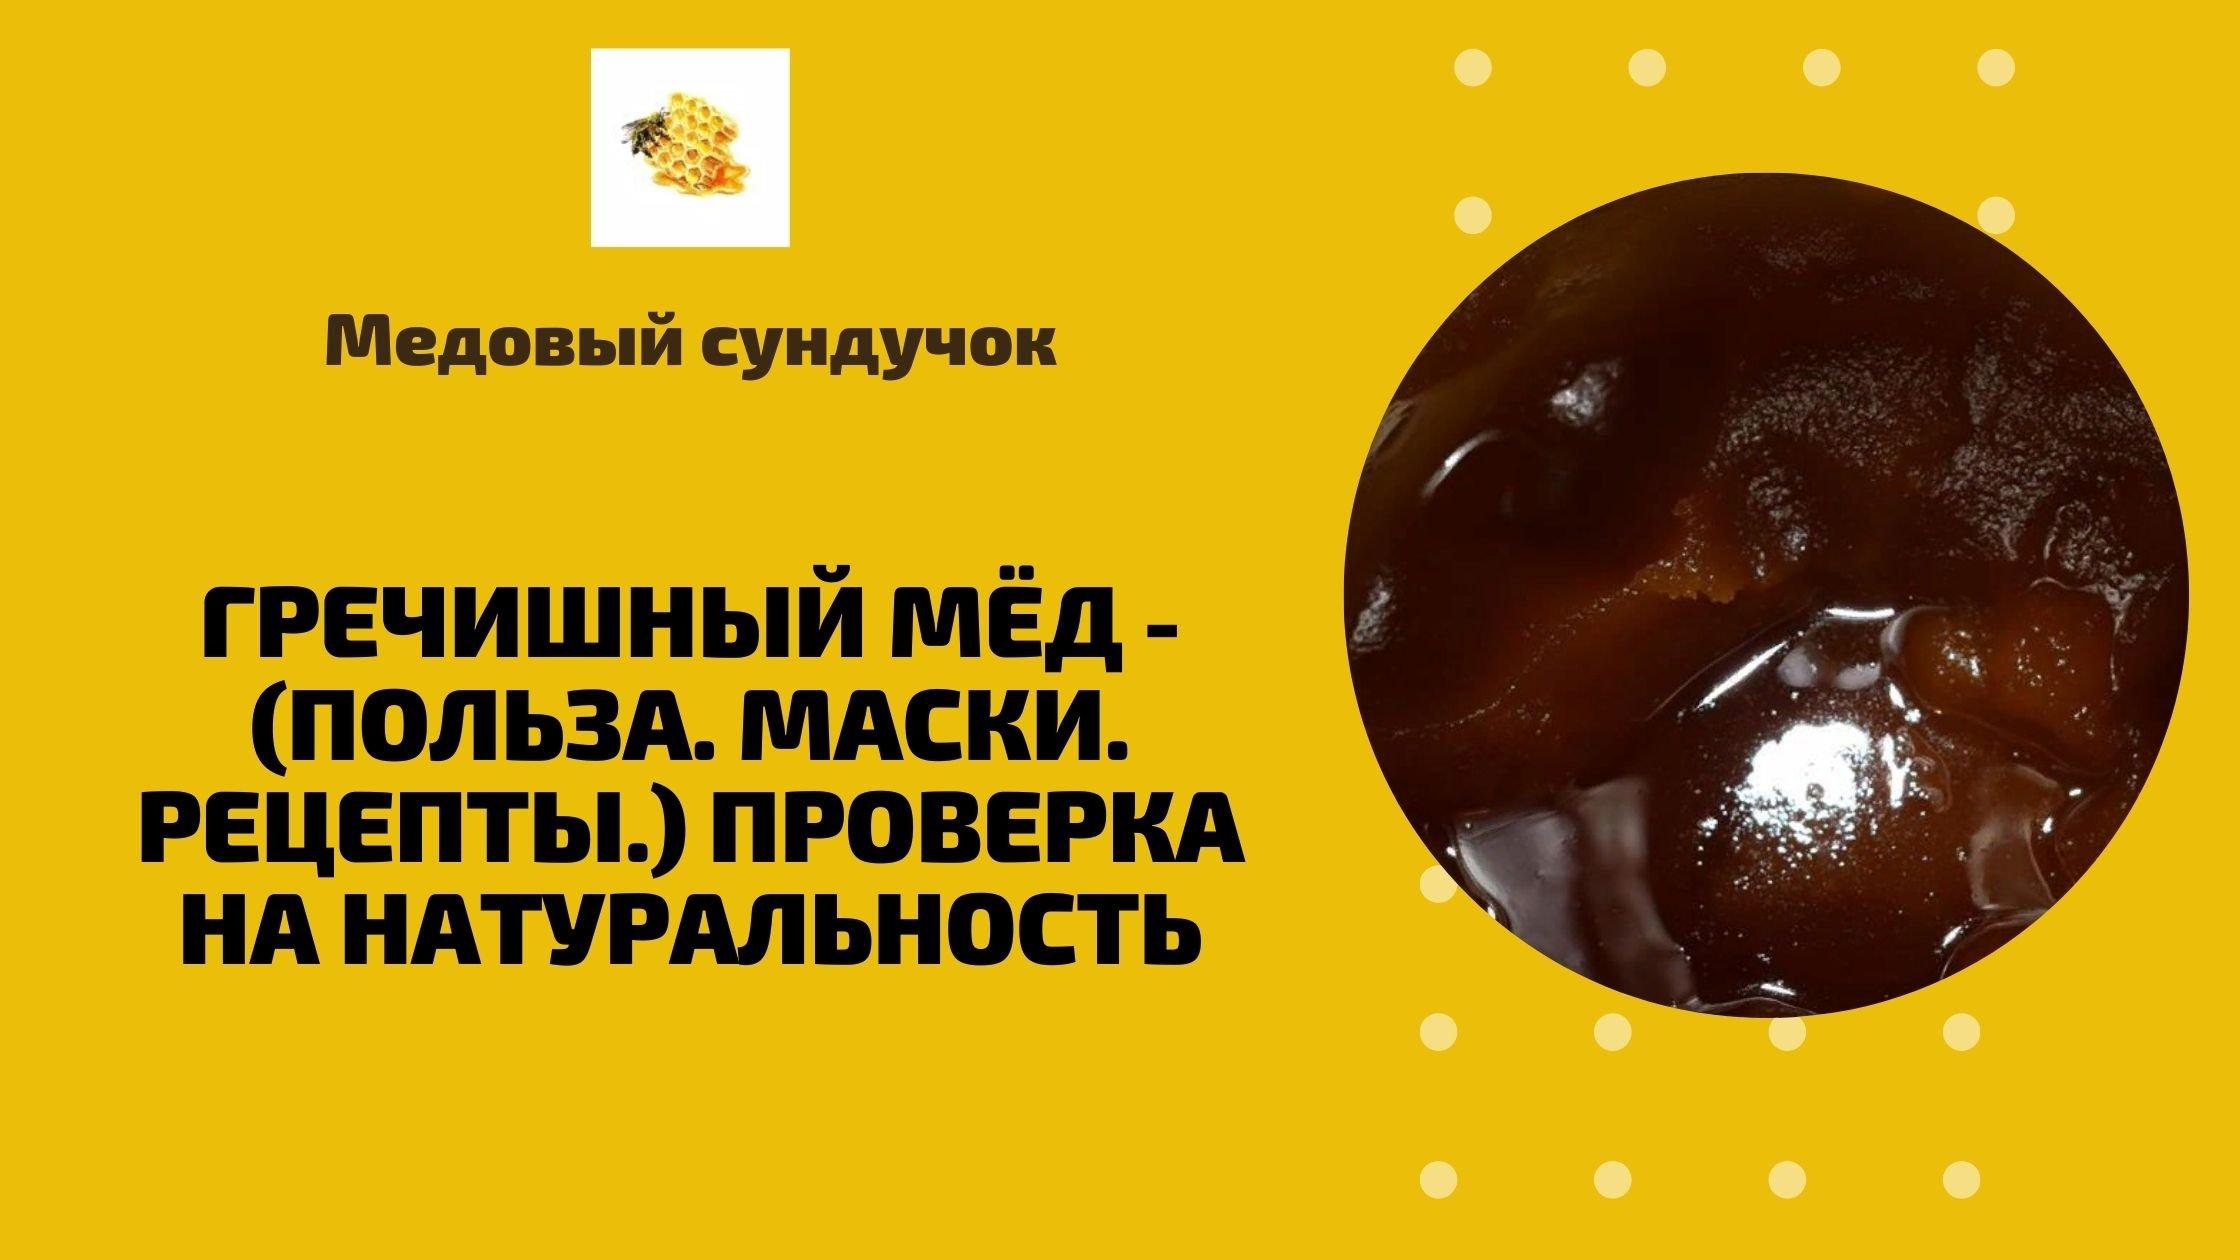 Гречишный мёд - (Польза. Маски. Рецепты.) проверка на натуральность